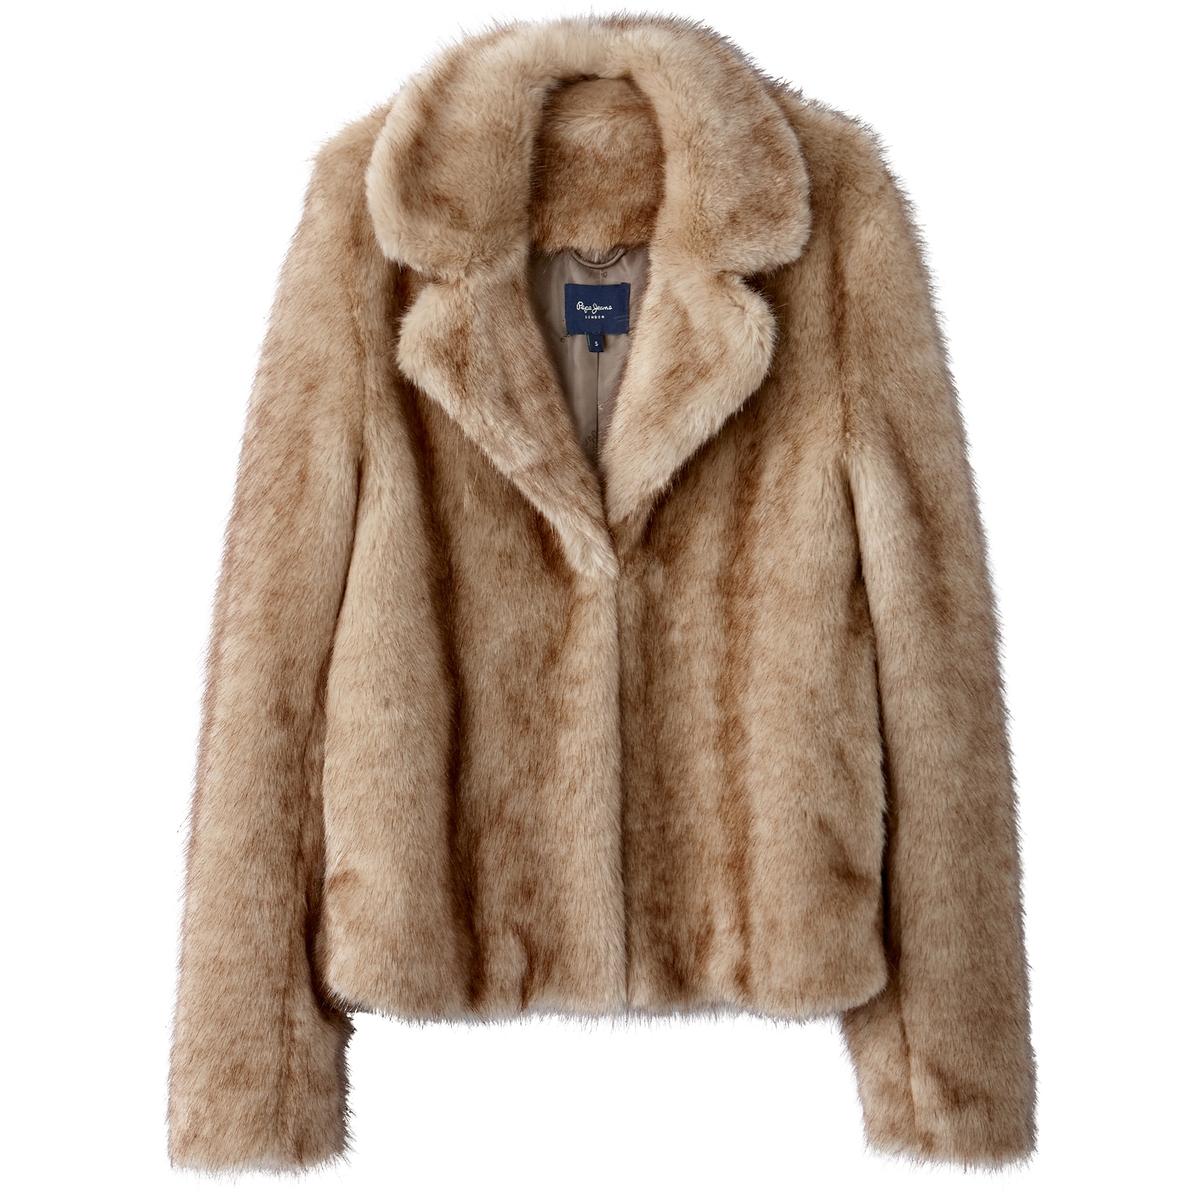 Пальто из искусственного мехаОписание:Этой зимой полупальто Cosima от PEPE JEANS с искусственным мехом  на пике моды . Теплое и мягкое, в нем будет приятно в любом месте .Детали •  Длина : средняя •  Воротник-поло, рубашечный • Застежка на пуговицыСостав и уход •  100% акрил •  Следуйте советам по уходу, указанным на этикетке<br><br>Цвет: бежевый